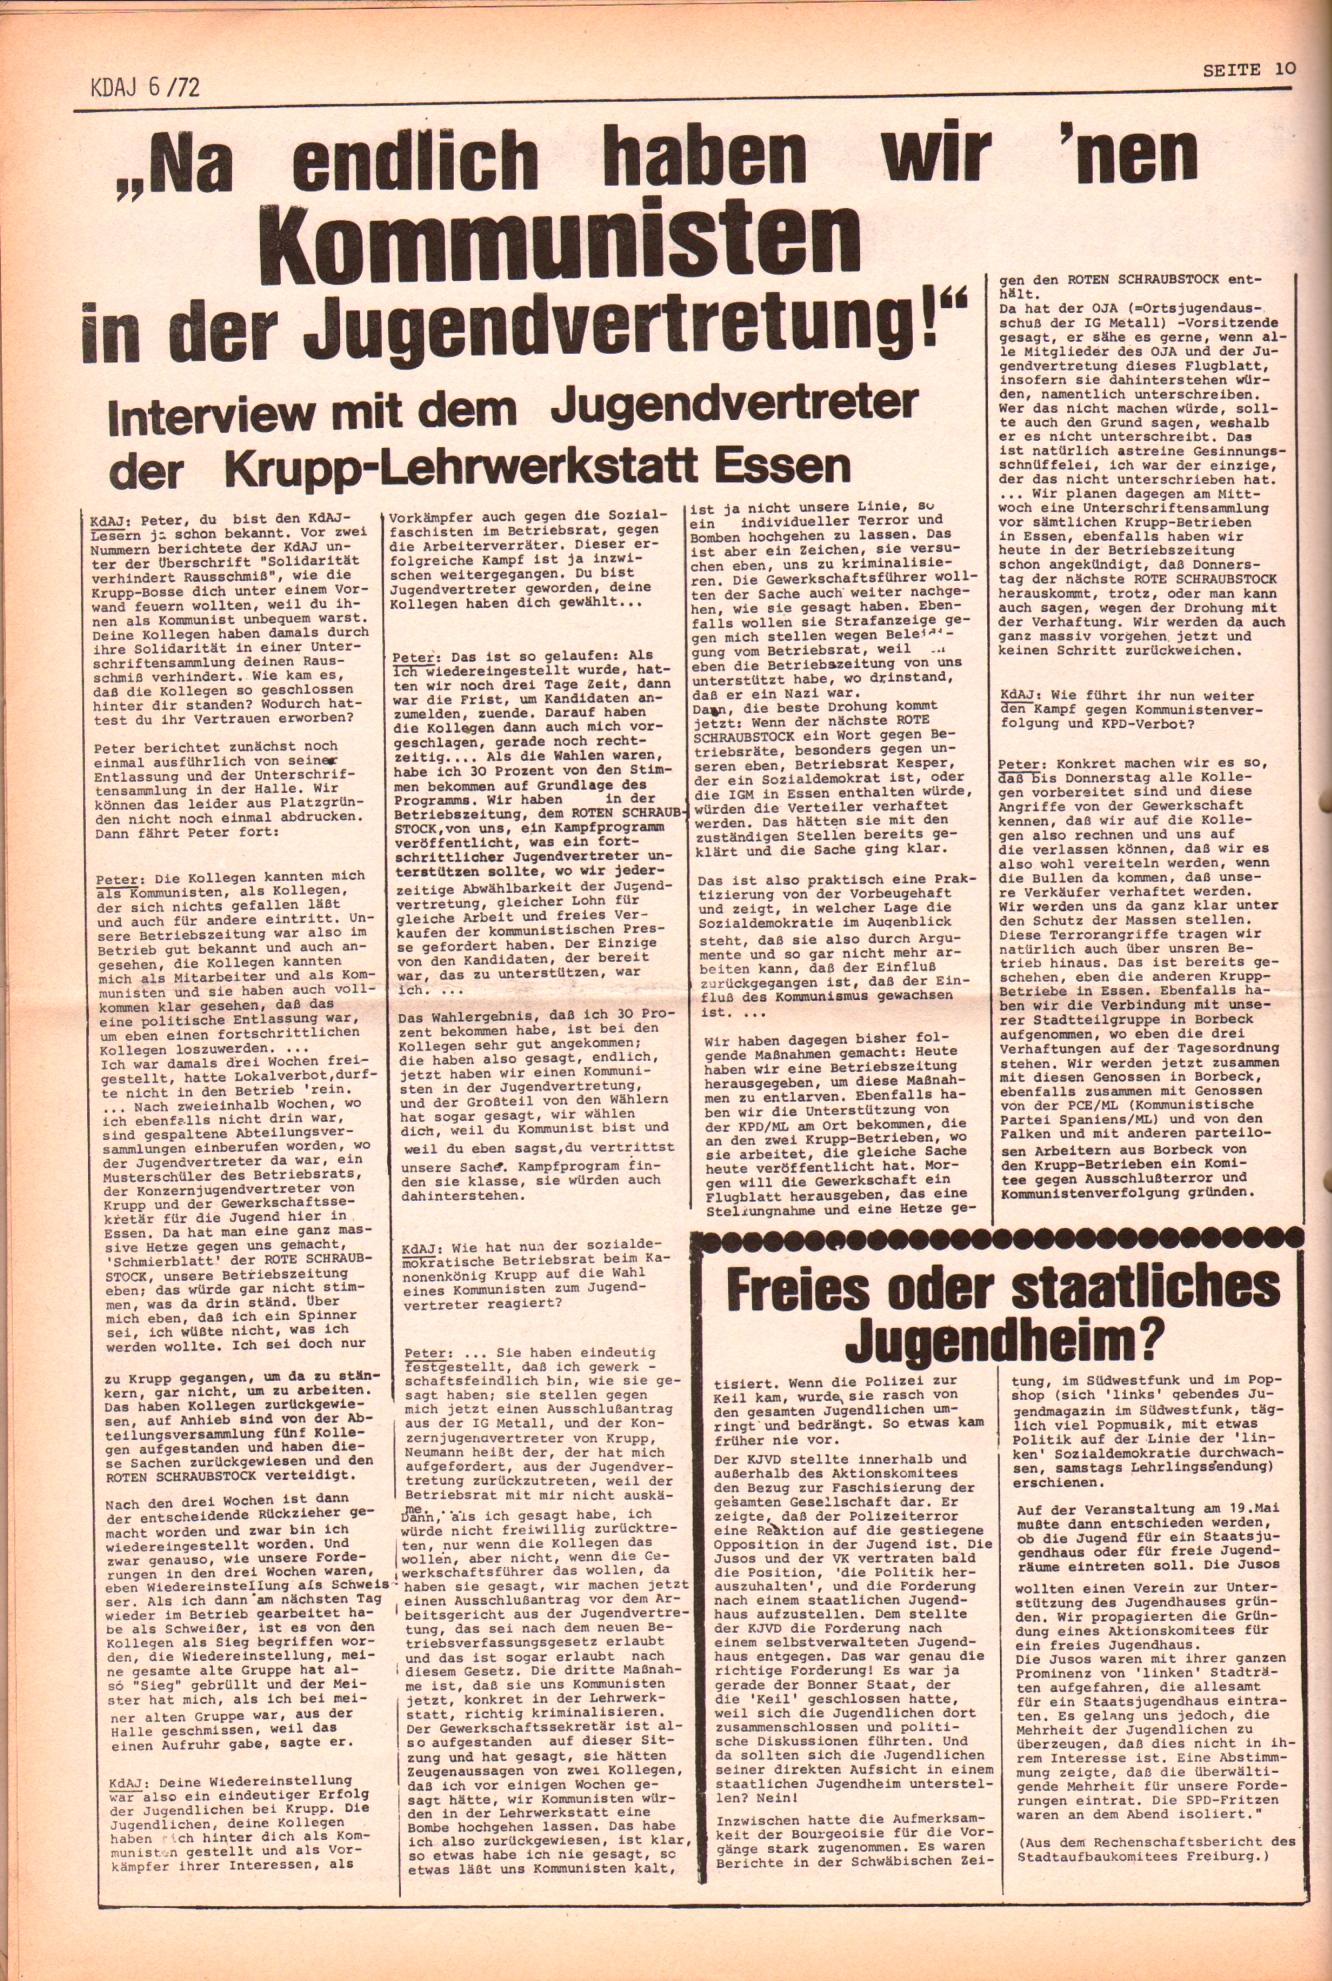 KDAJ, 3. Jg., Juli 1972, Nr. 6, Seite 10